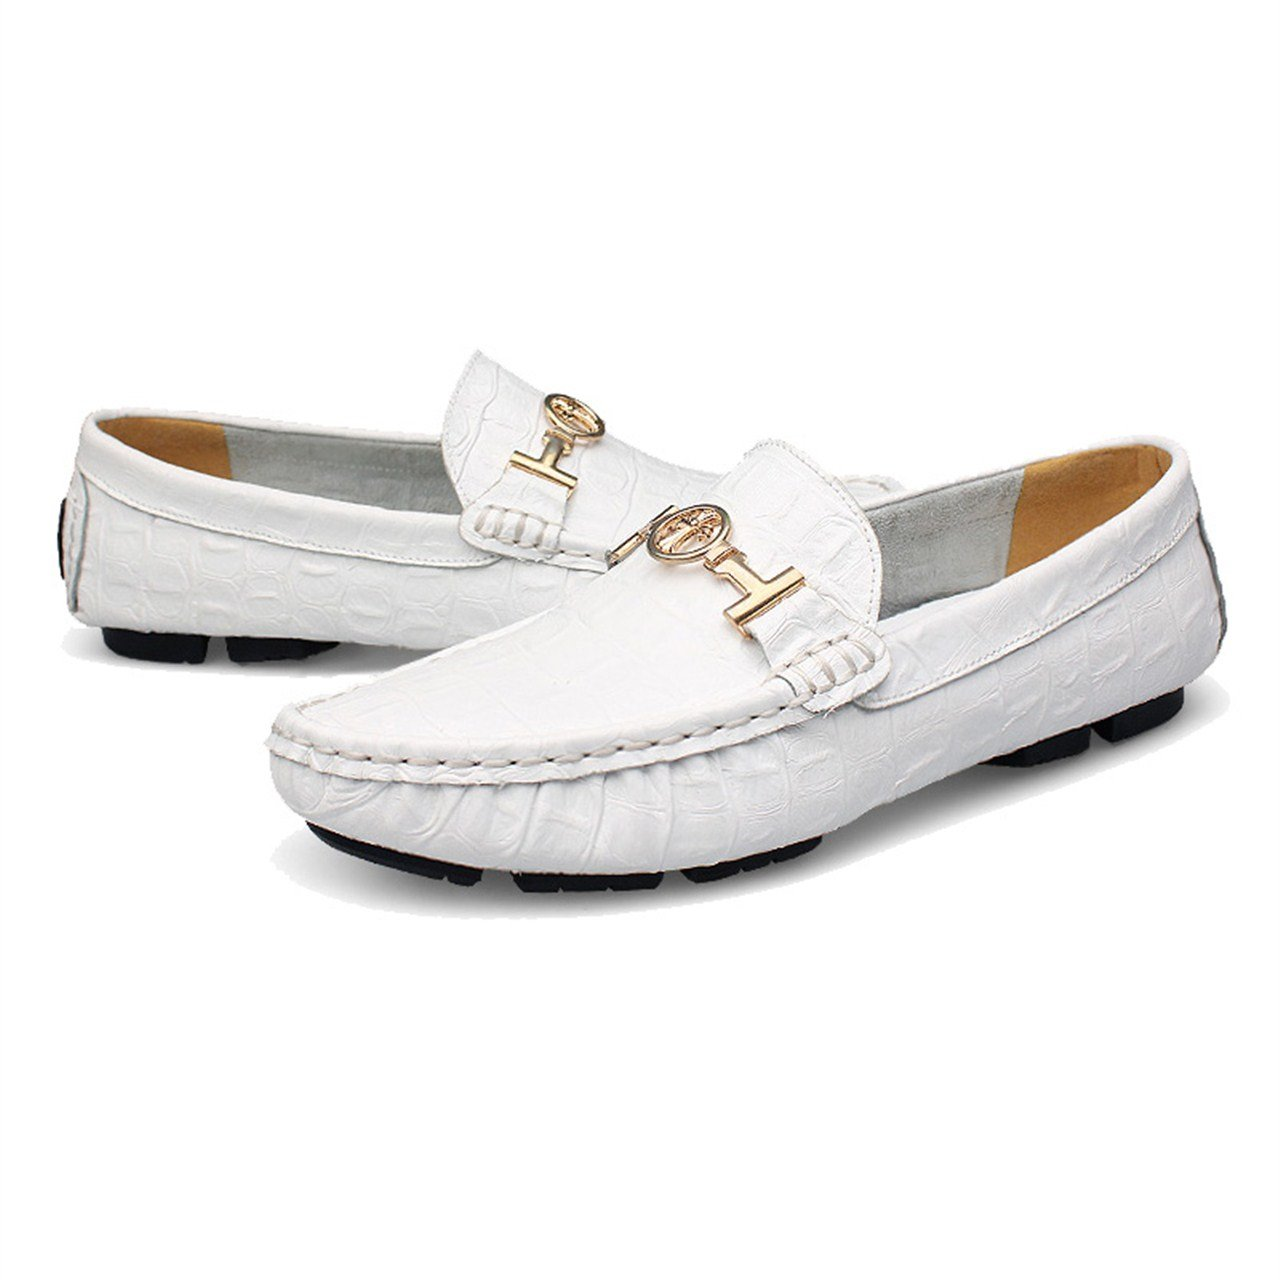 TRULAND Mocasines para Hombre en Cuero con Estampado de Cocodrilo: Amazon.es: Zapatos y complementos